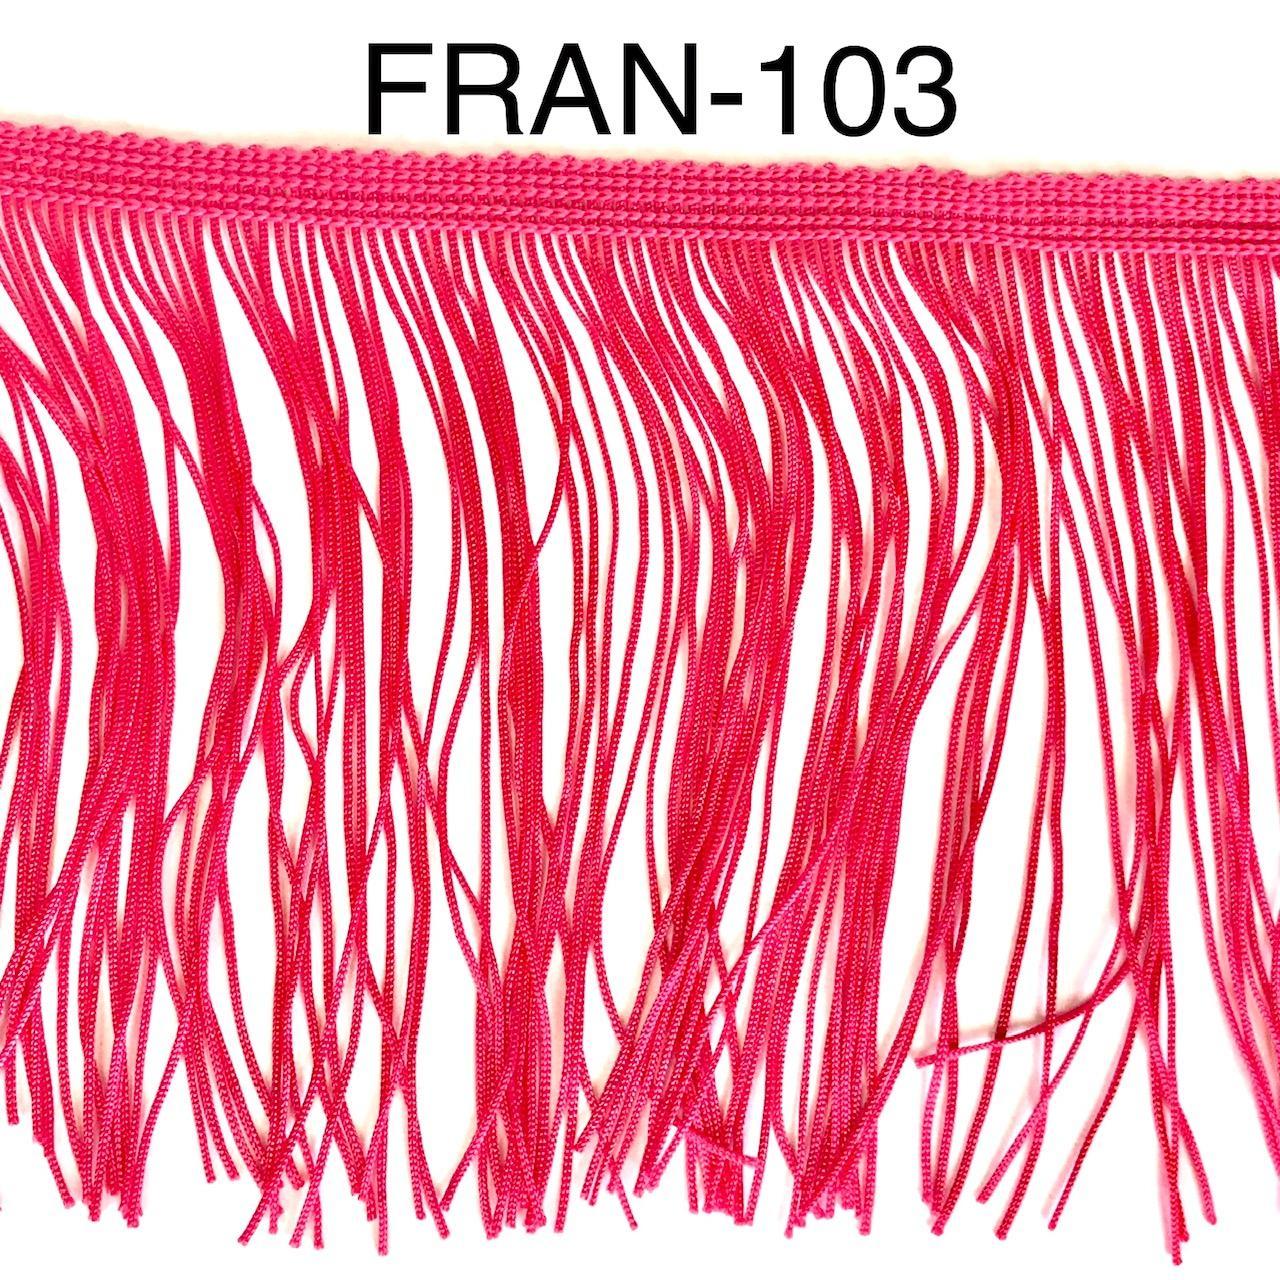 Franges a coudre 15cm 103